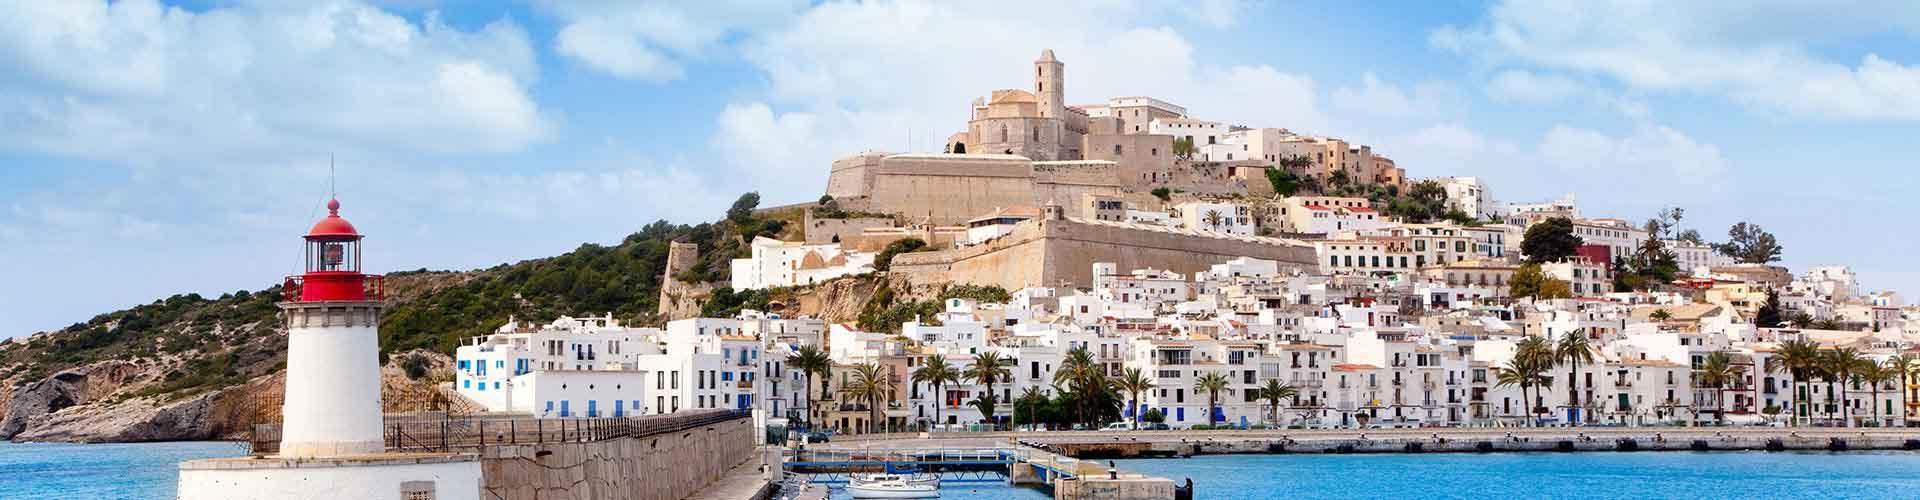 Ibiza - Camping à Ibiza. Cartes pour Ibiza, photos et commentaires pour chaque Camping à Ibiza.